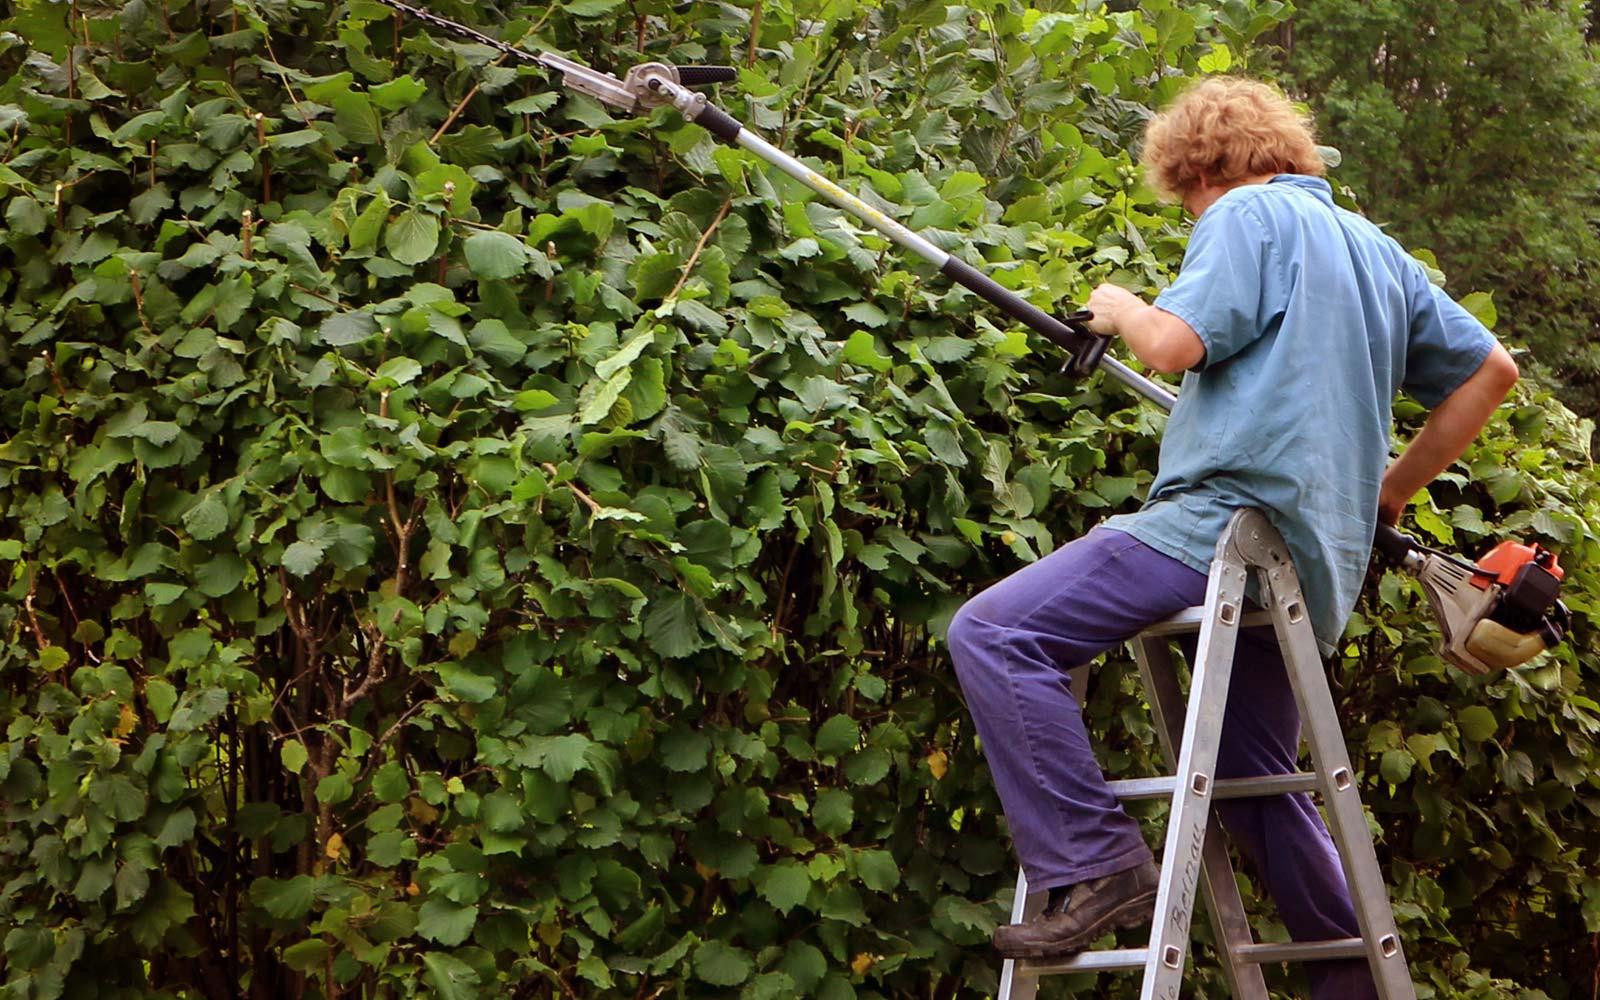 Pielęgnacja ogrodów w Białymstoku - Formowanie żywopłotu